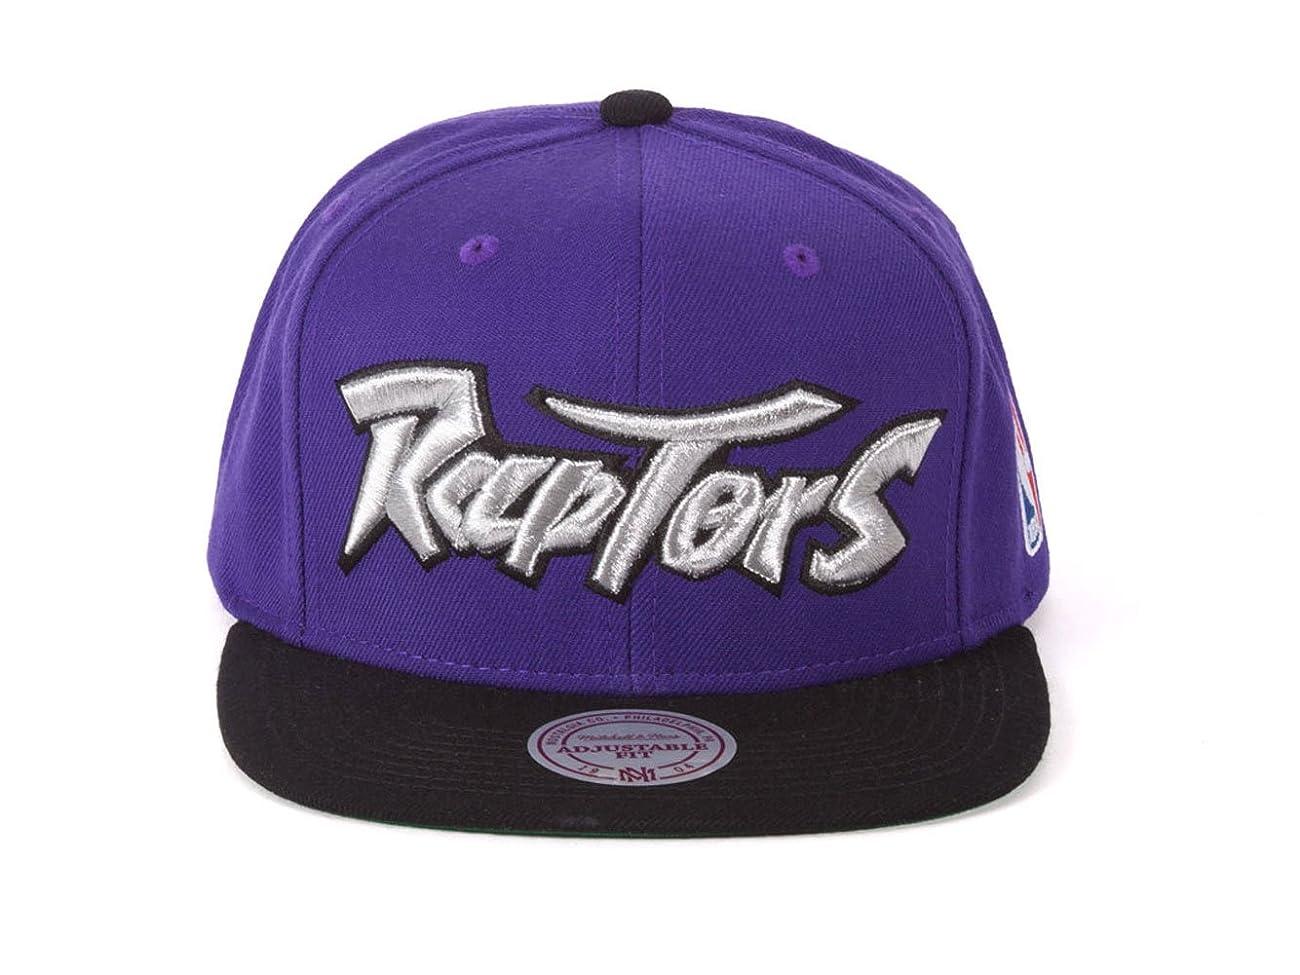 Toronto Raptors 2-Tone Vintage Snap back Hat 0